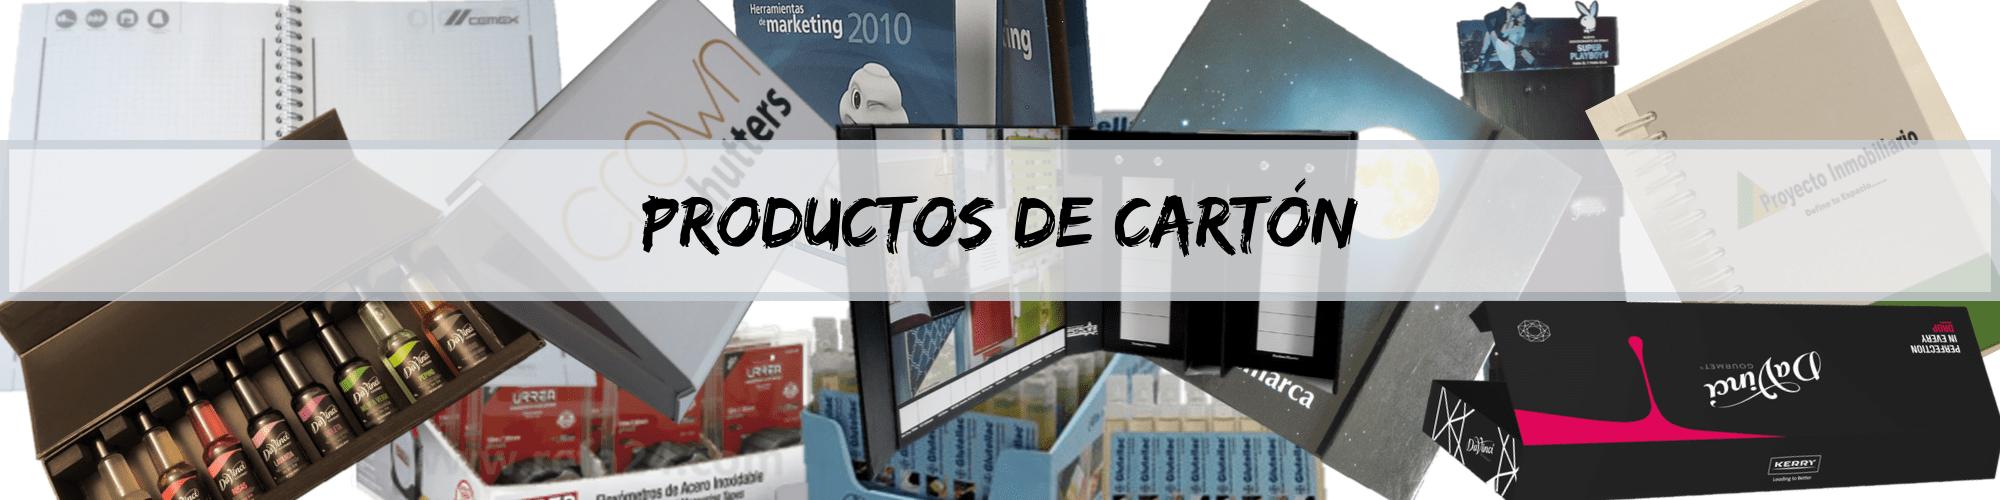 productos de carton